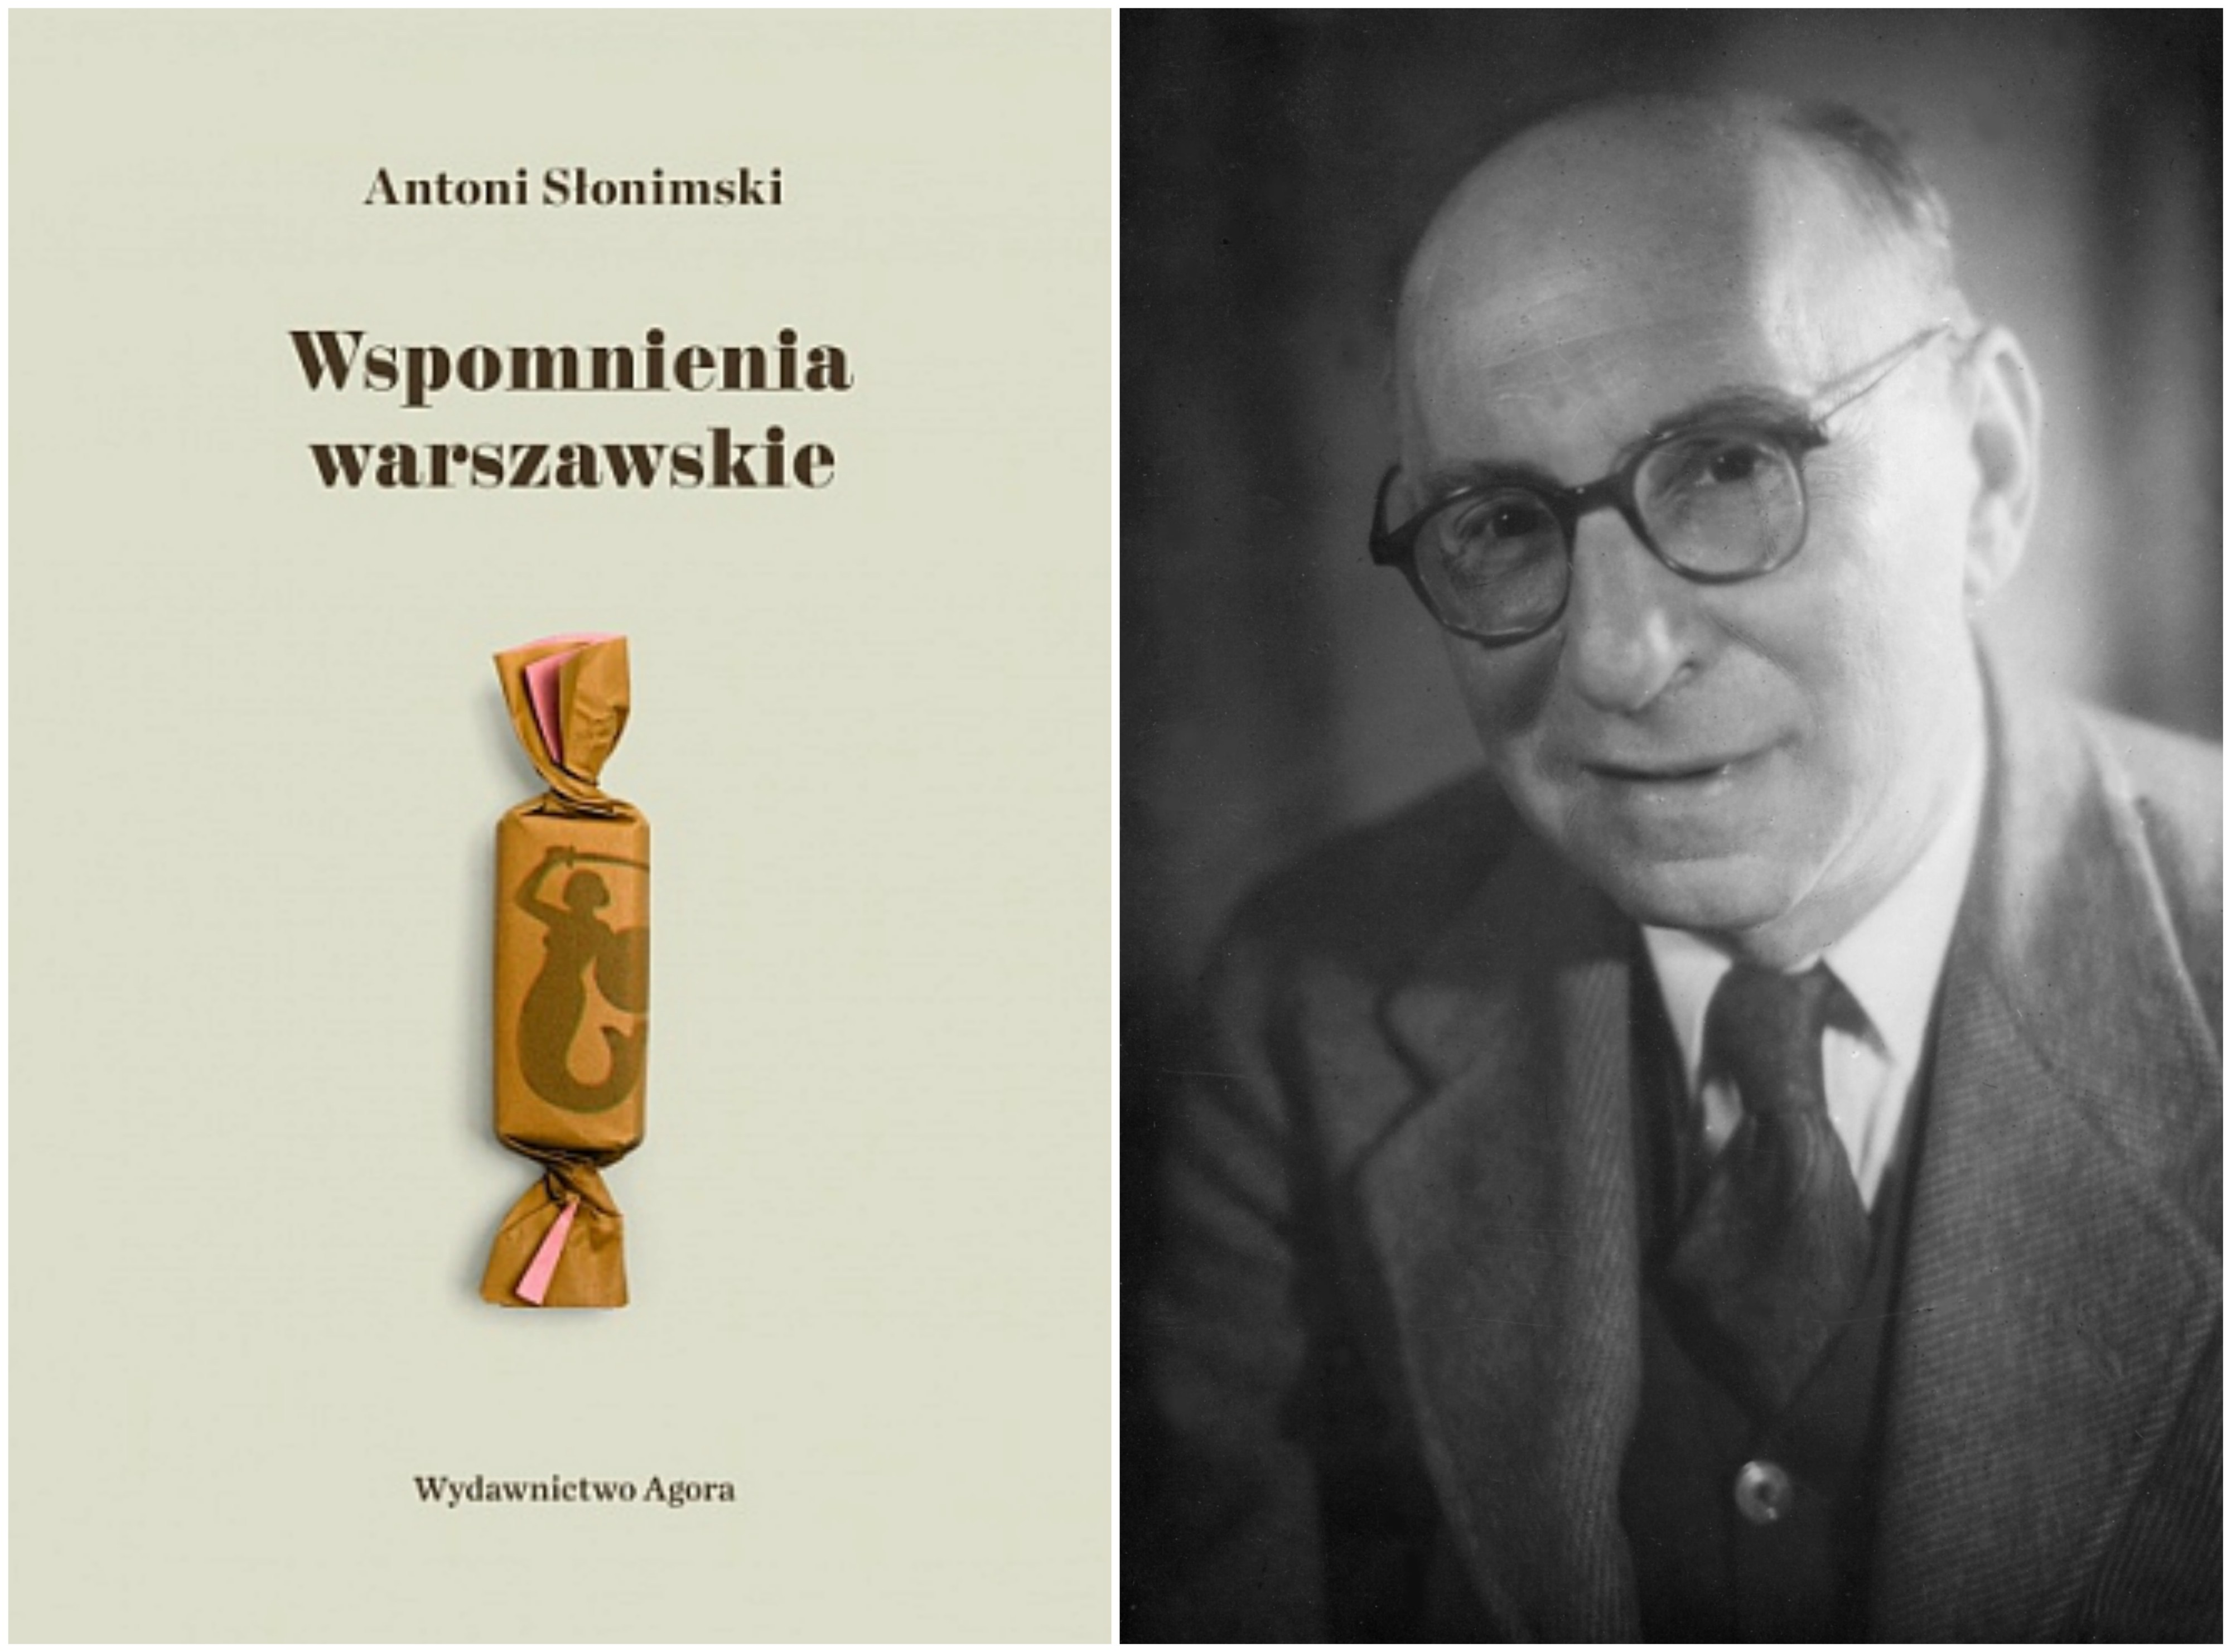 Nowe wydanie 'Wspomnień warszawskich' Antoniego Słonimskiego ukazało się nakładem Wydawnictwa Agora (fot. materiały prasowe / Narodowe Archiwum Cyfrowe)